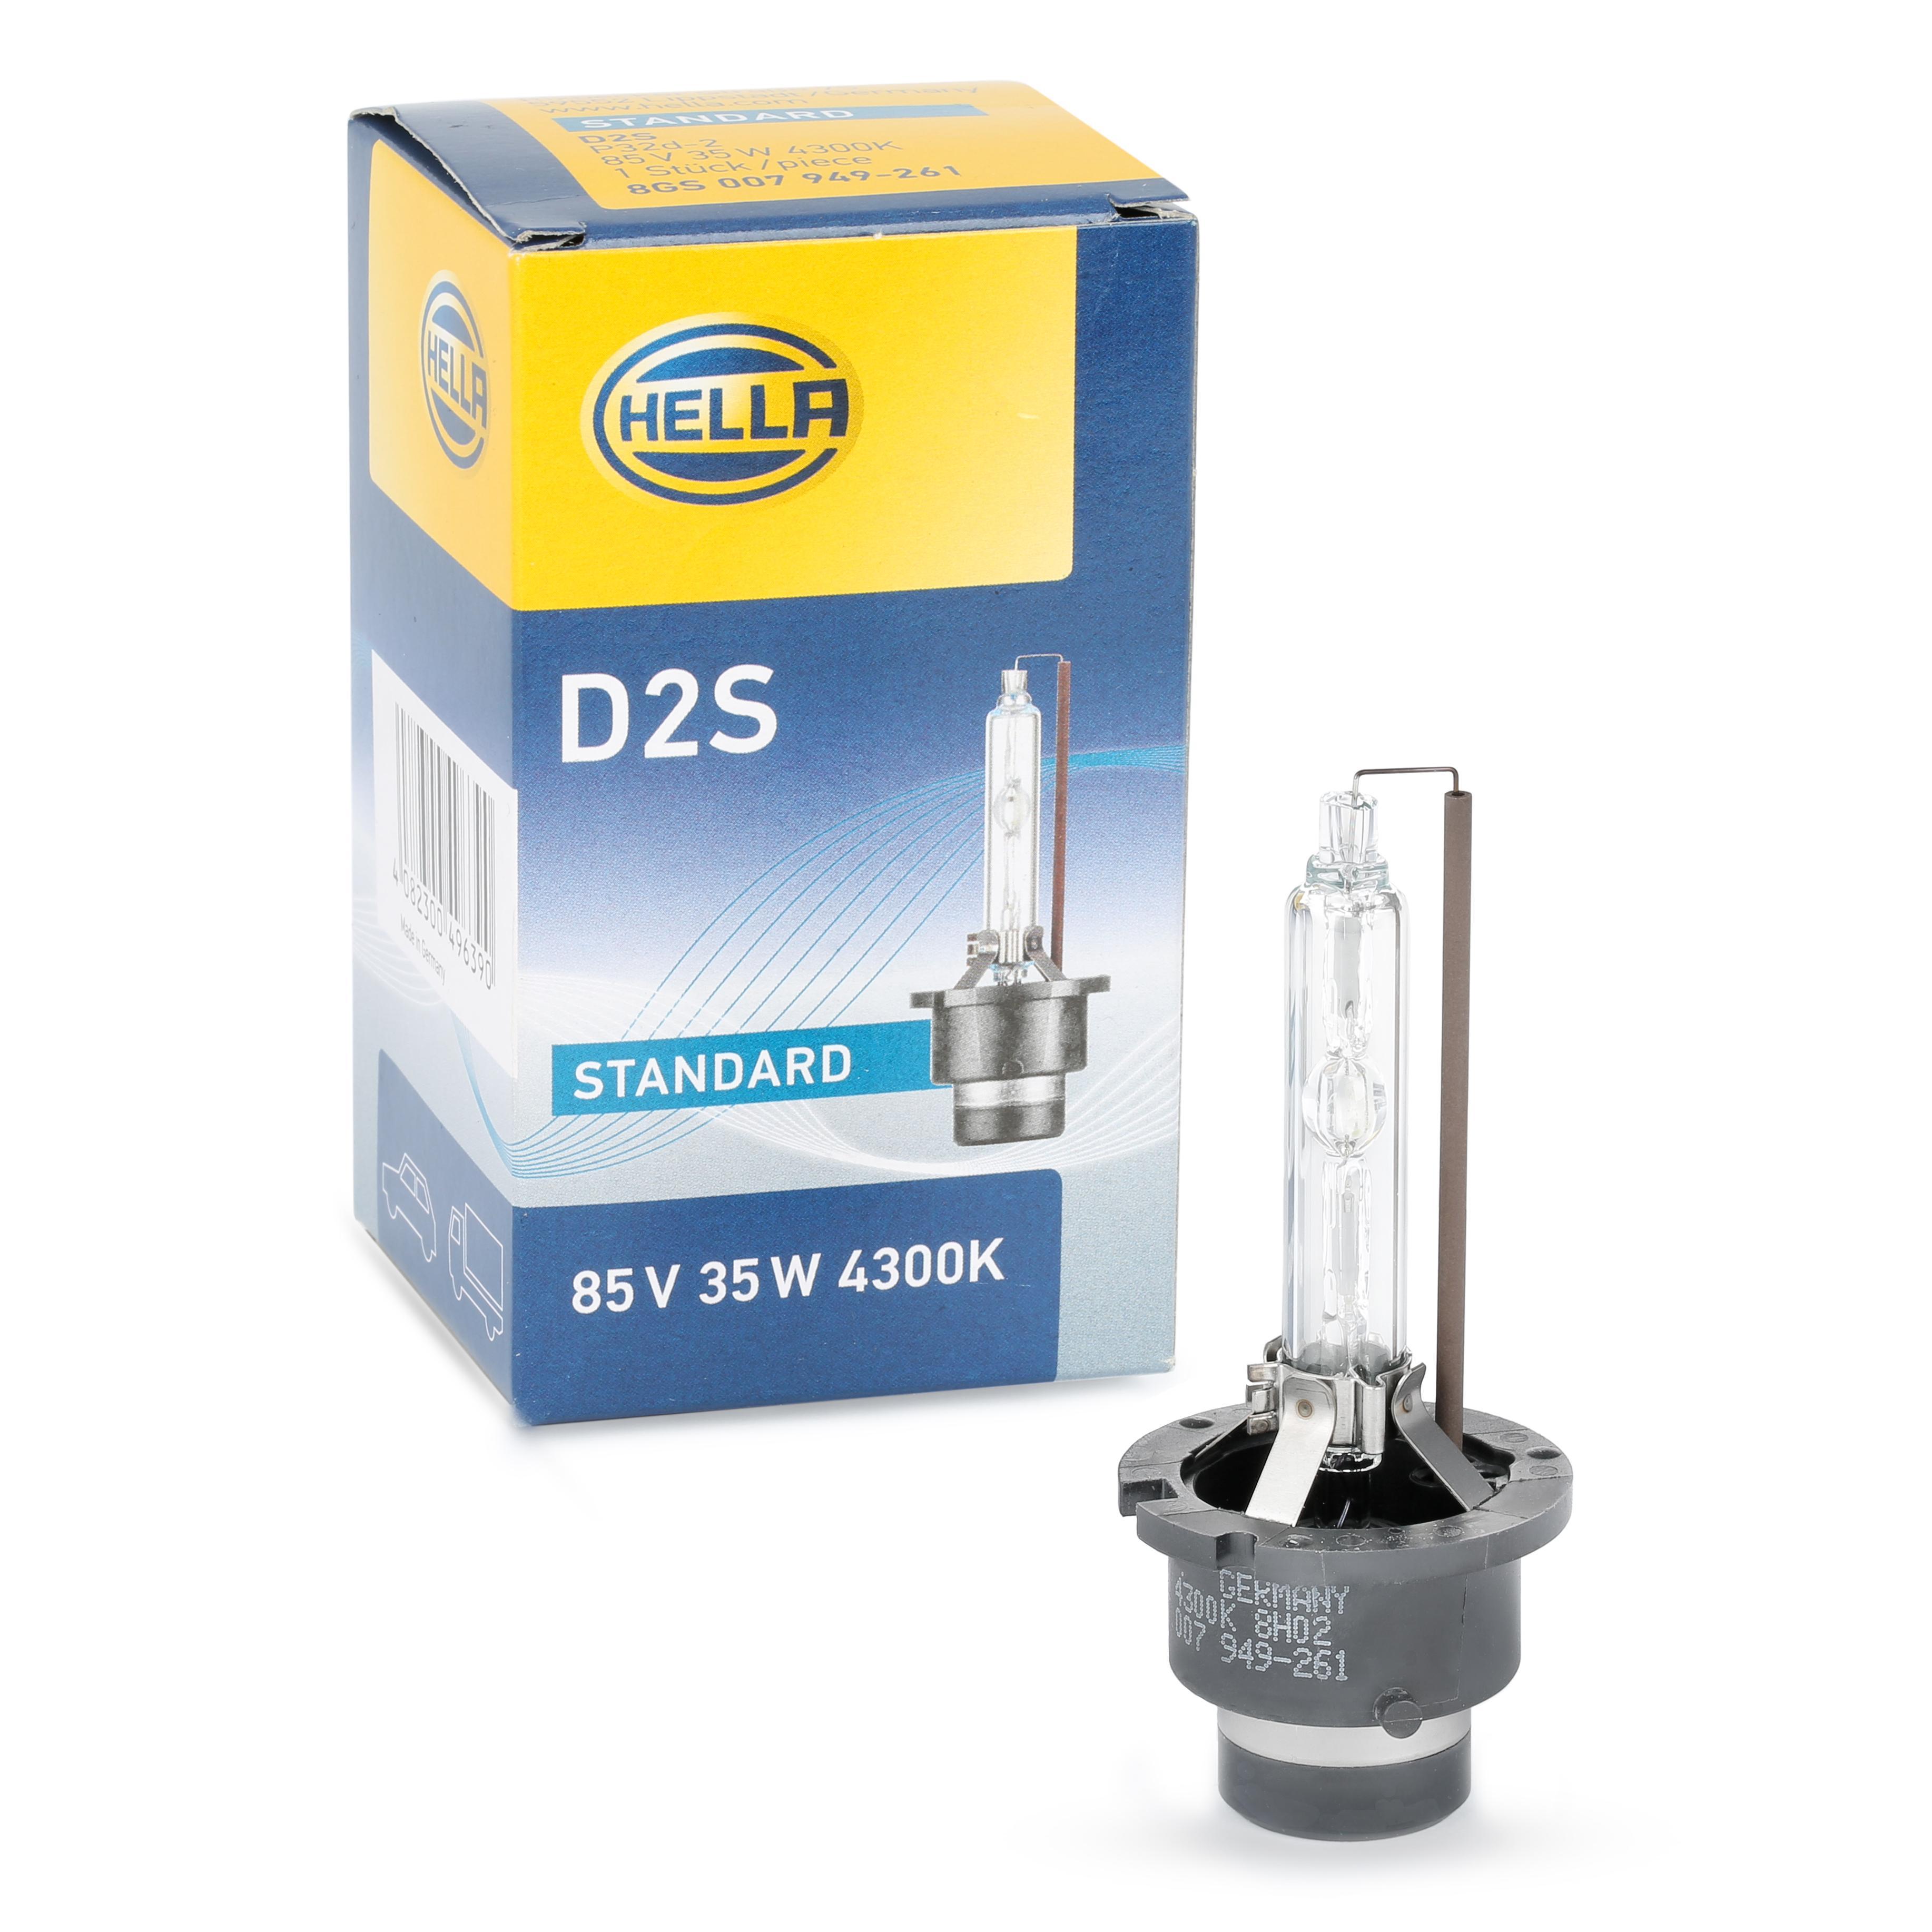 MERCEDES-BENZ B-Klasse Teile: Glühlampe, Fernscheinwerfer 8GS 007 949-261 jetzt bestellen